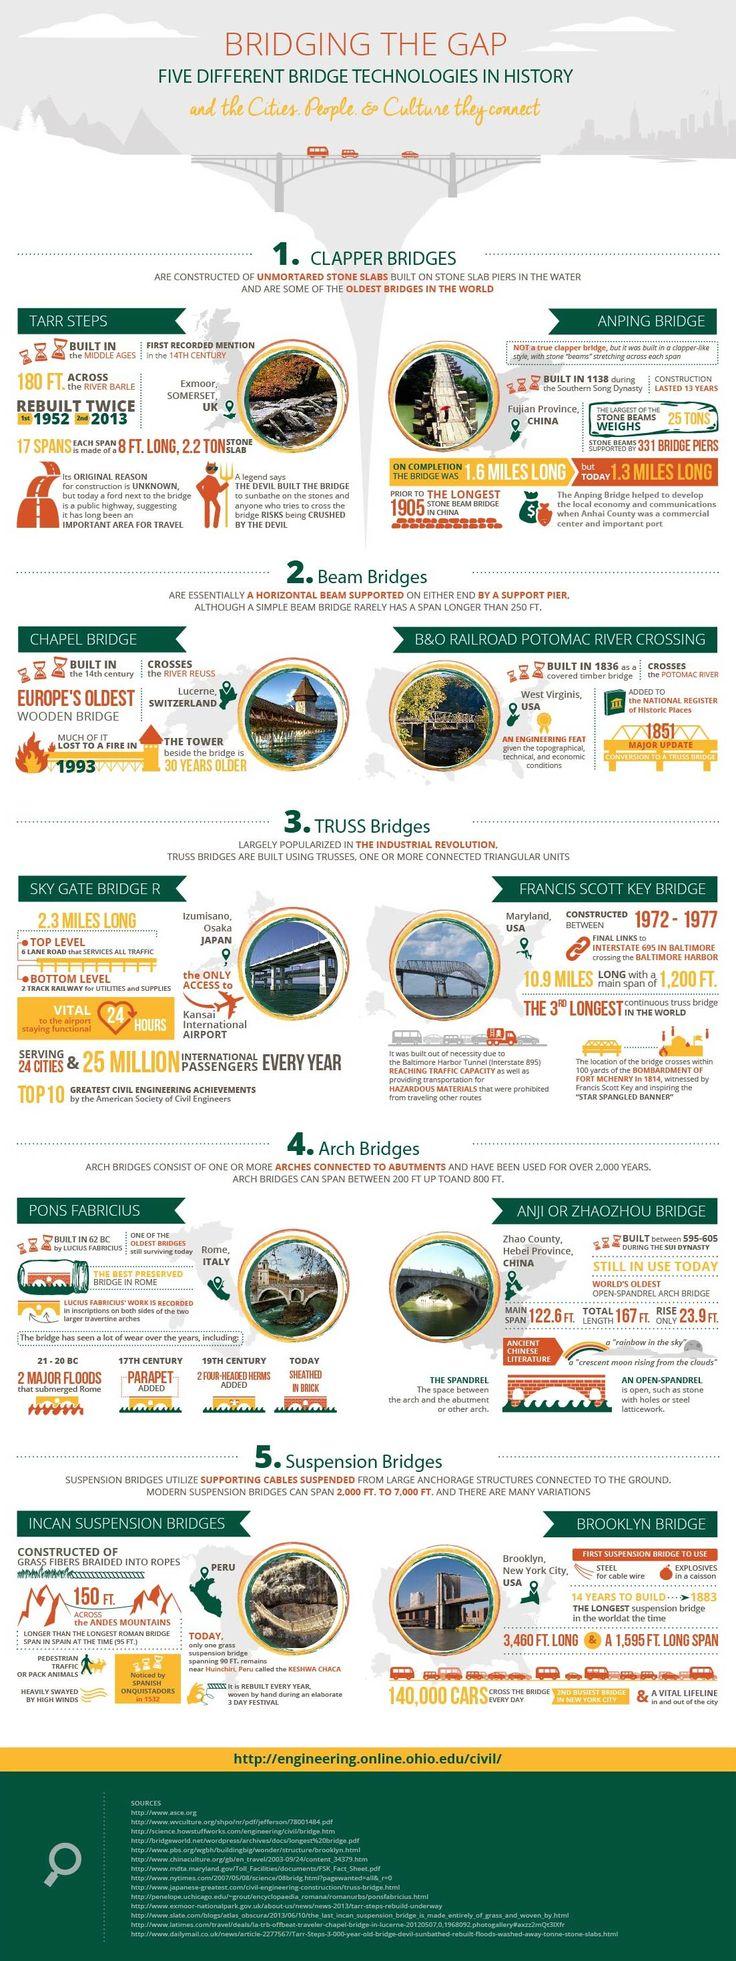 Best 25+ Civil engineering projects ideas on Pinterest | Building bridges, Bridge construction ...